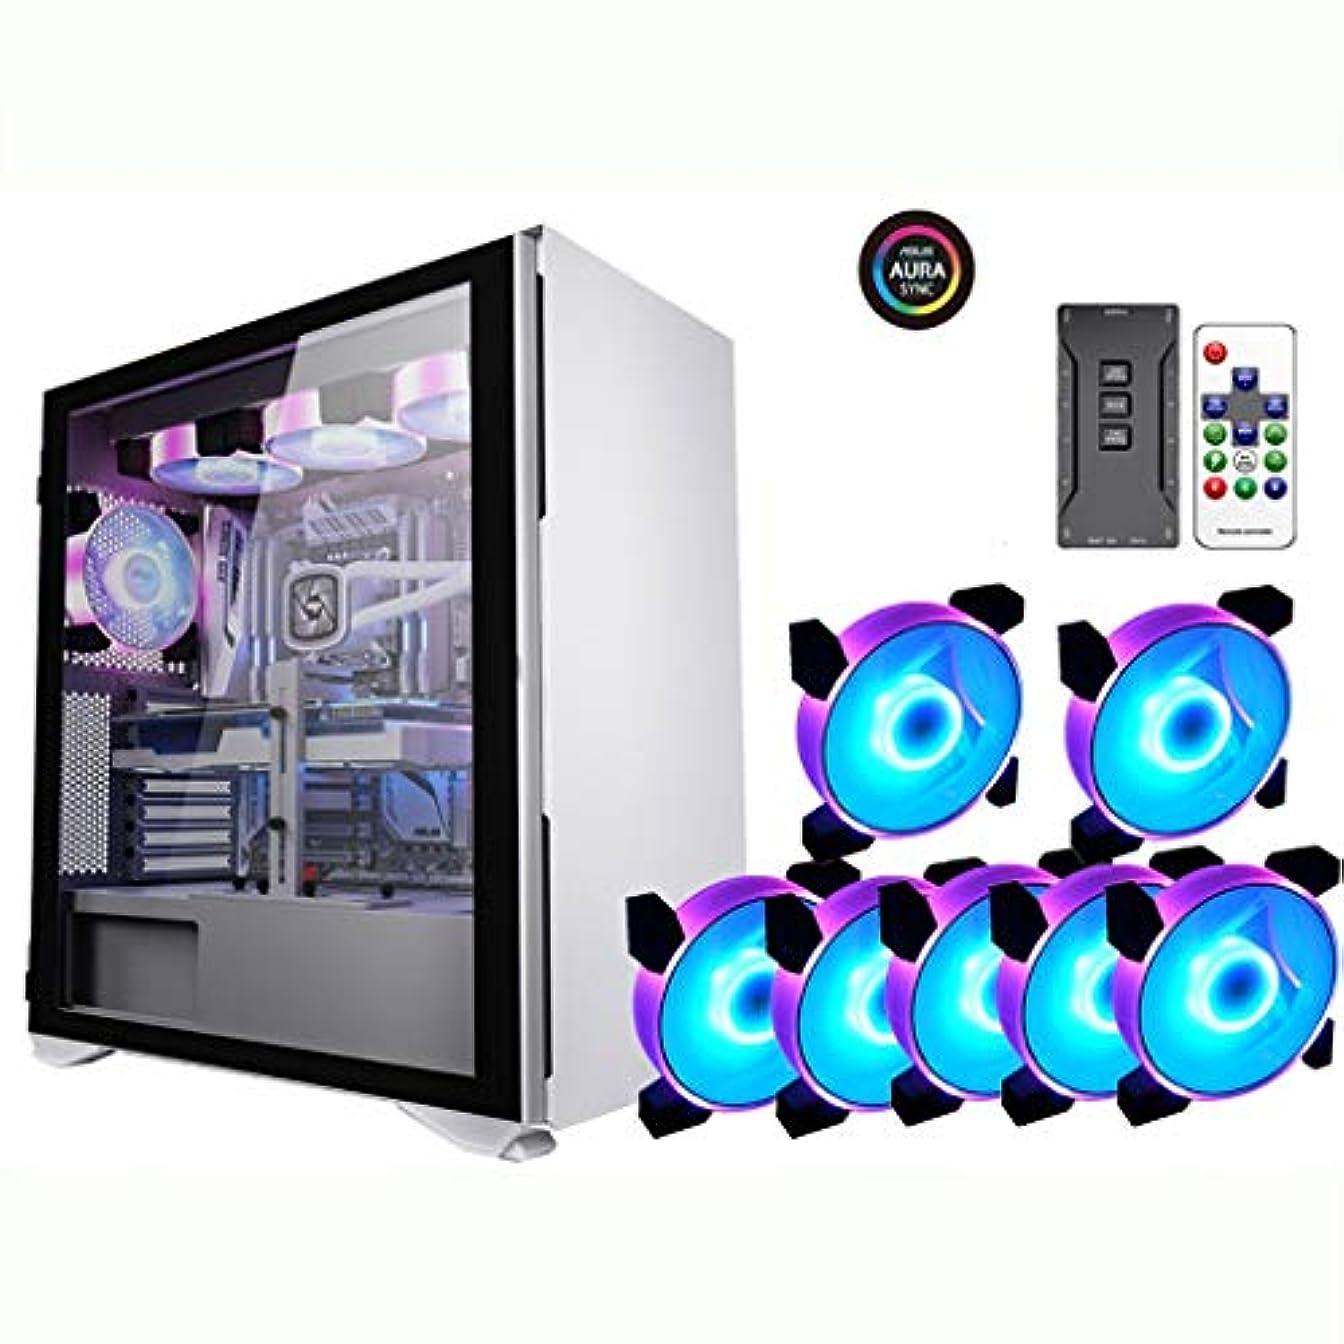 形成撤回するハリケーンゲーミングケース、ミッドタワーE-ATX/ATX/M-ATX/ITX PCゲームコンピュータケース、強化ガラスのサイドパネルは、水冷却、9つのファンのポジションをサポート (Color : Black, Size : 7 fan)